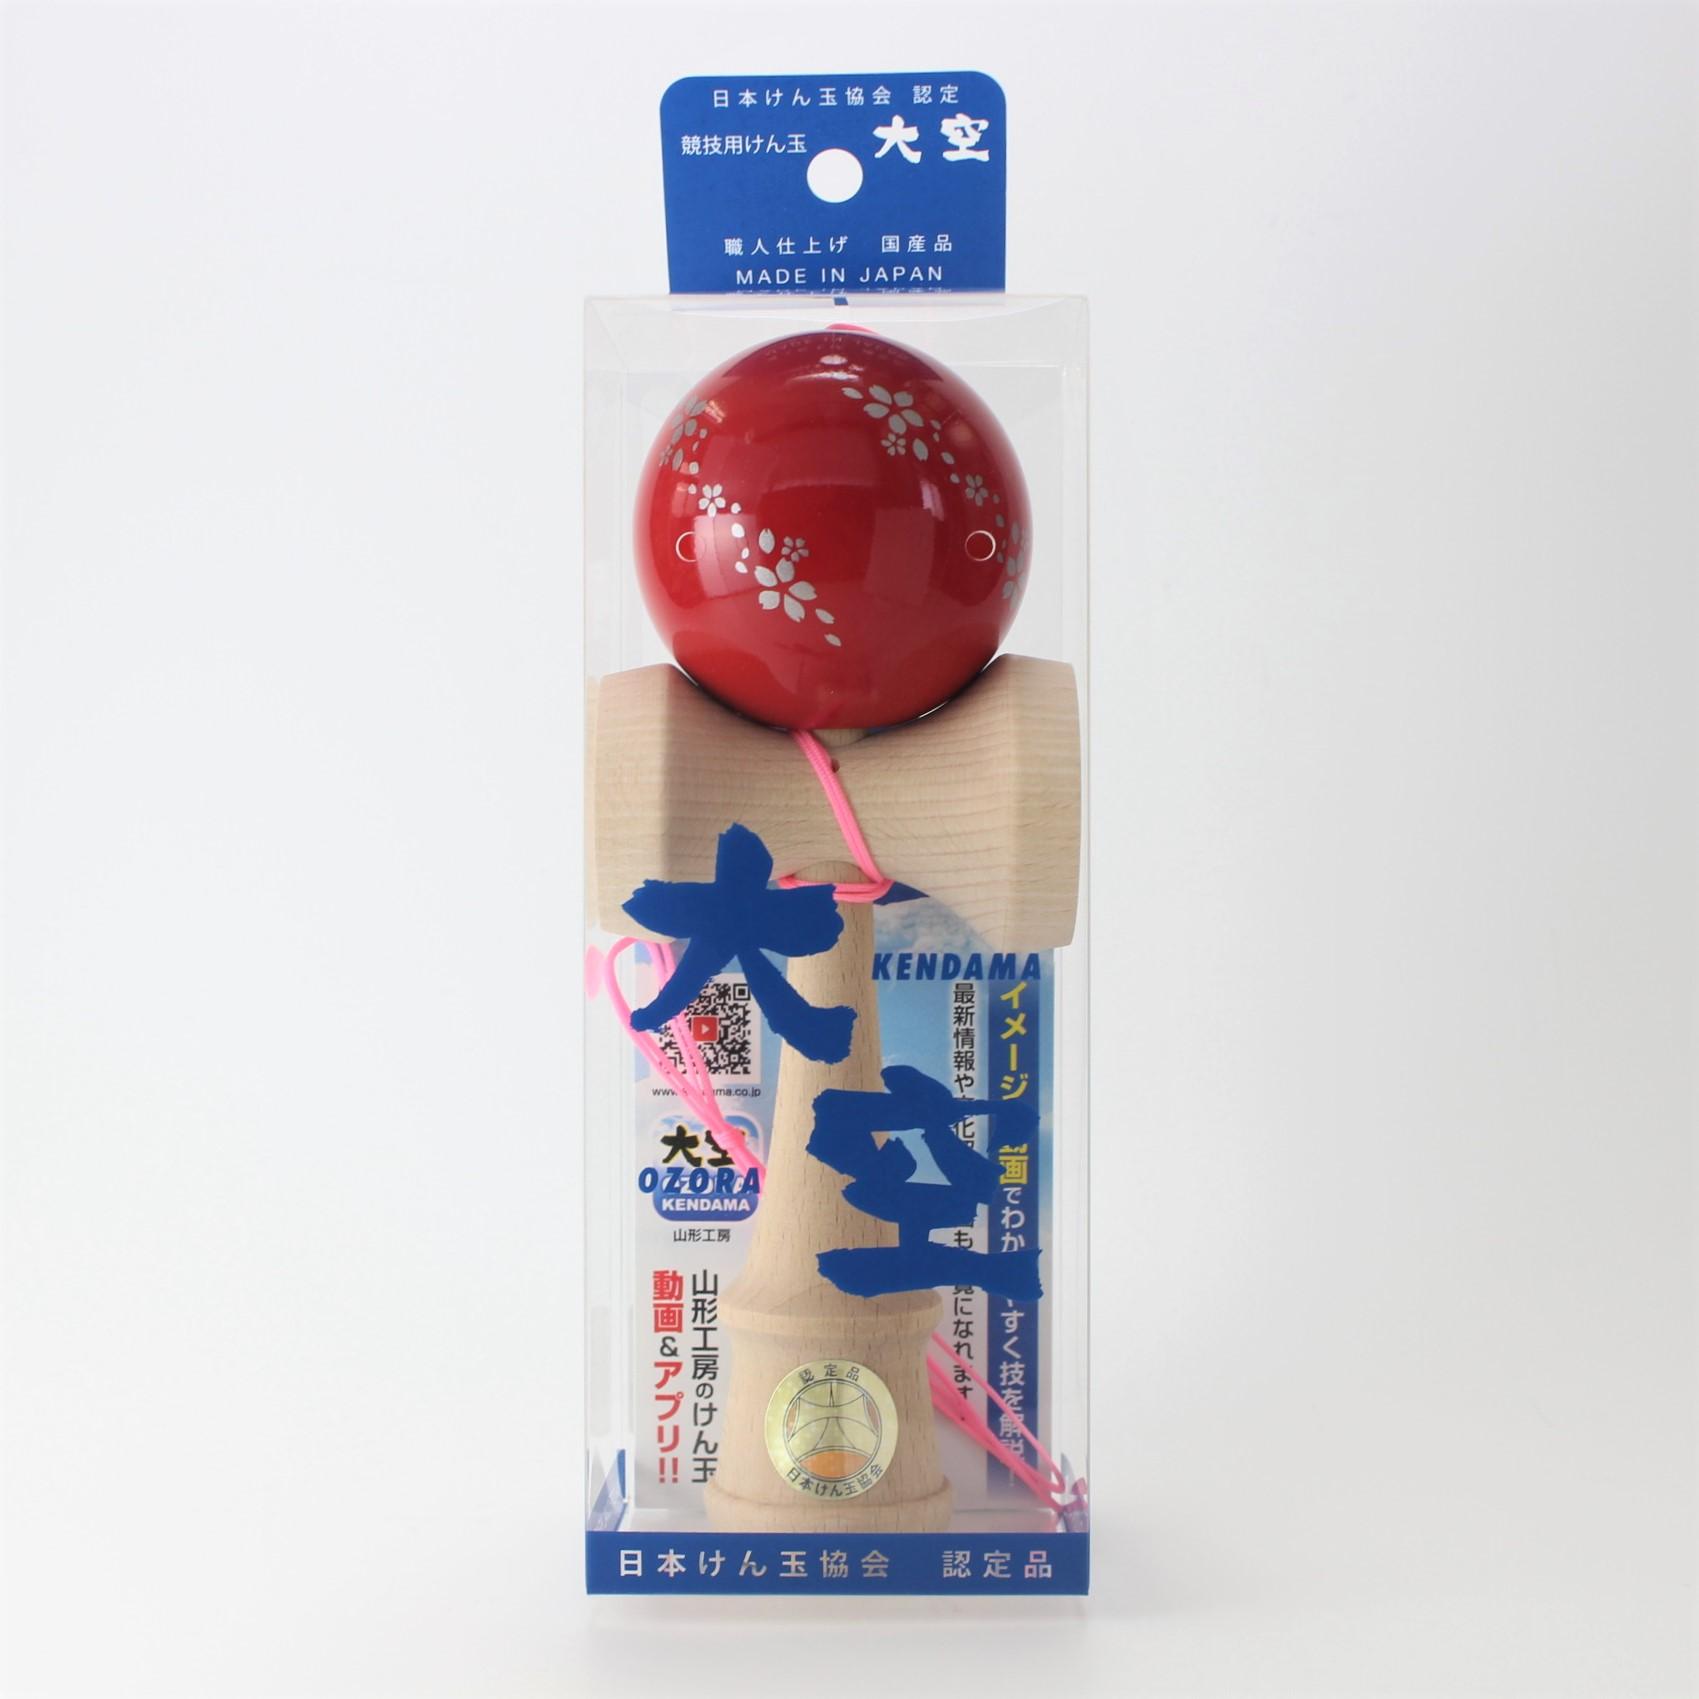 日本けん玉協会認定モデル 大空 桜レッド